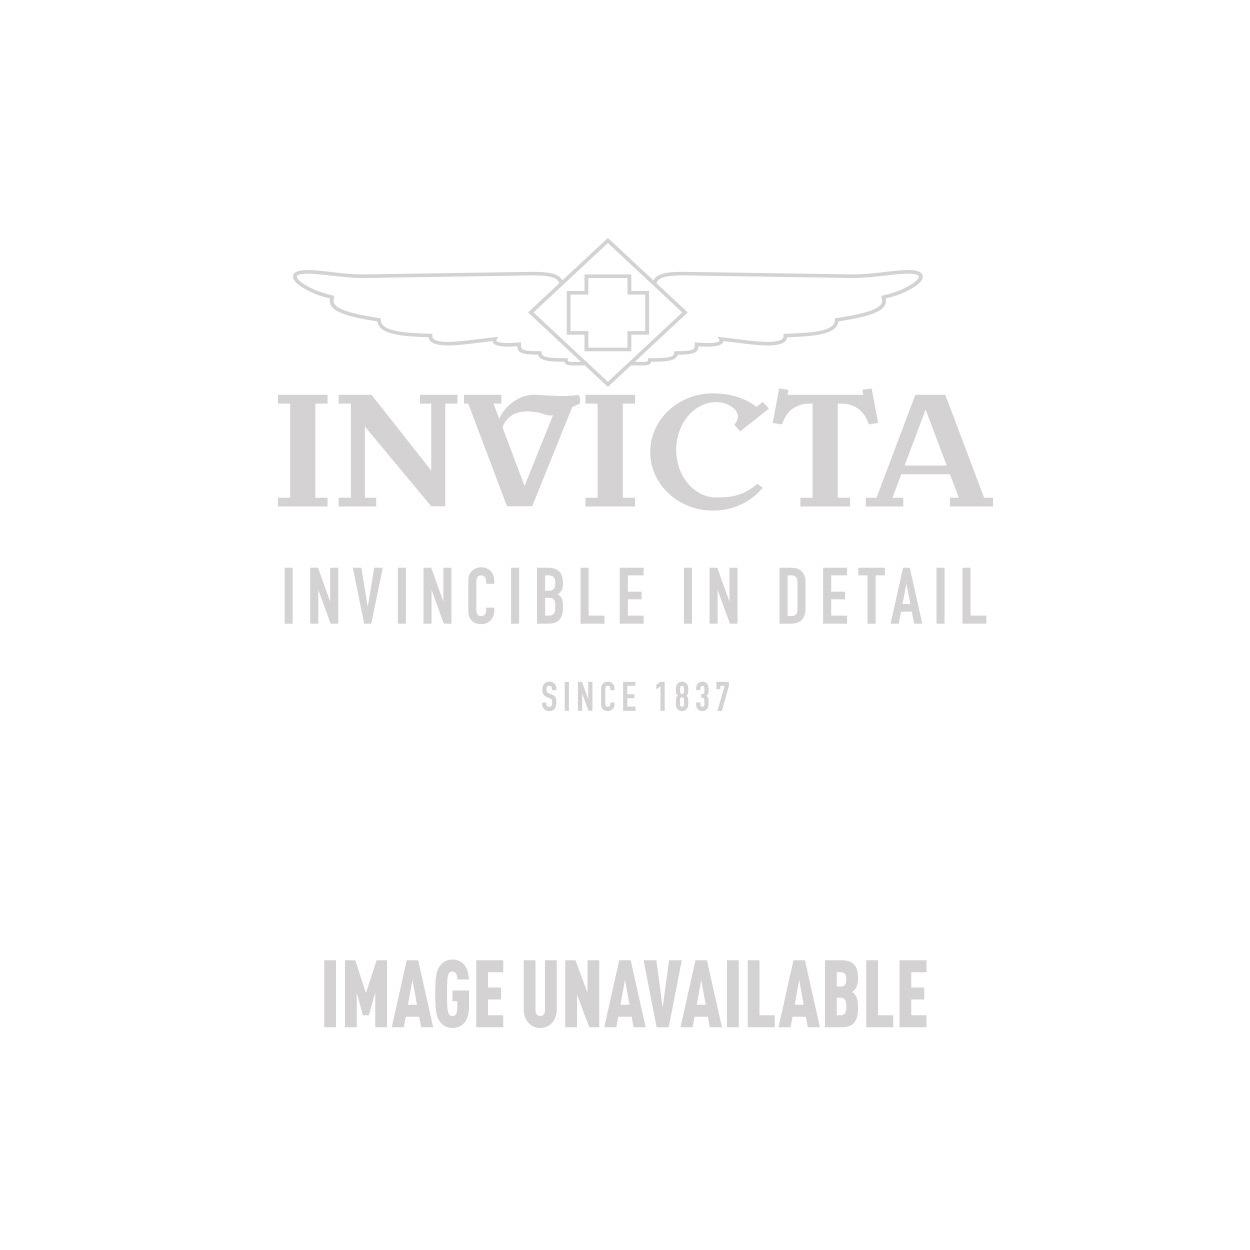 Invicta Model 27389